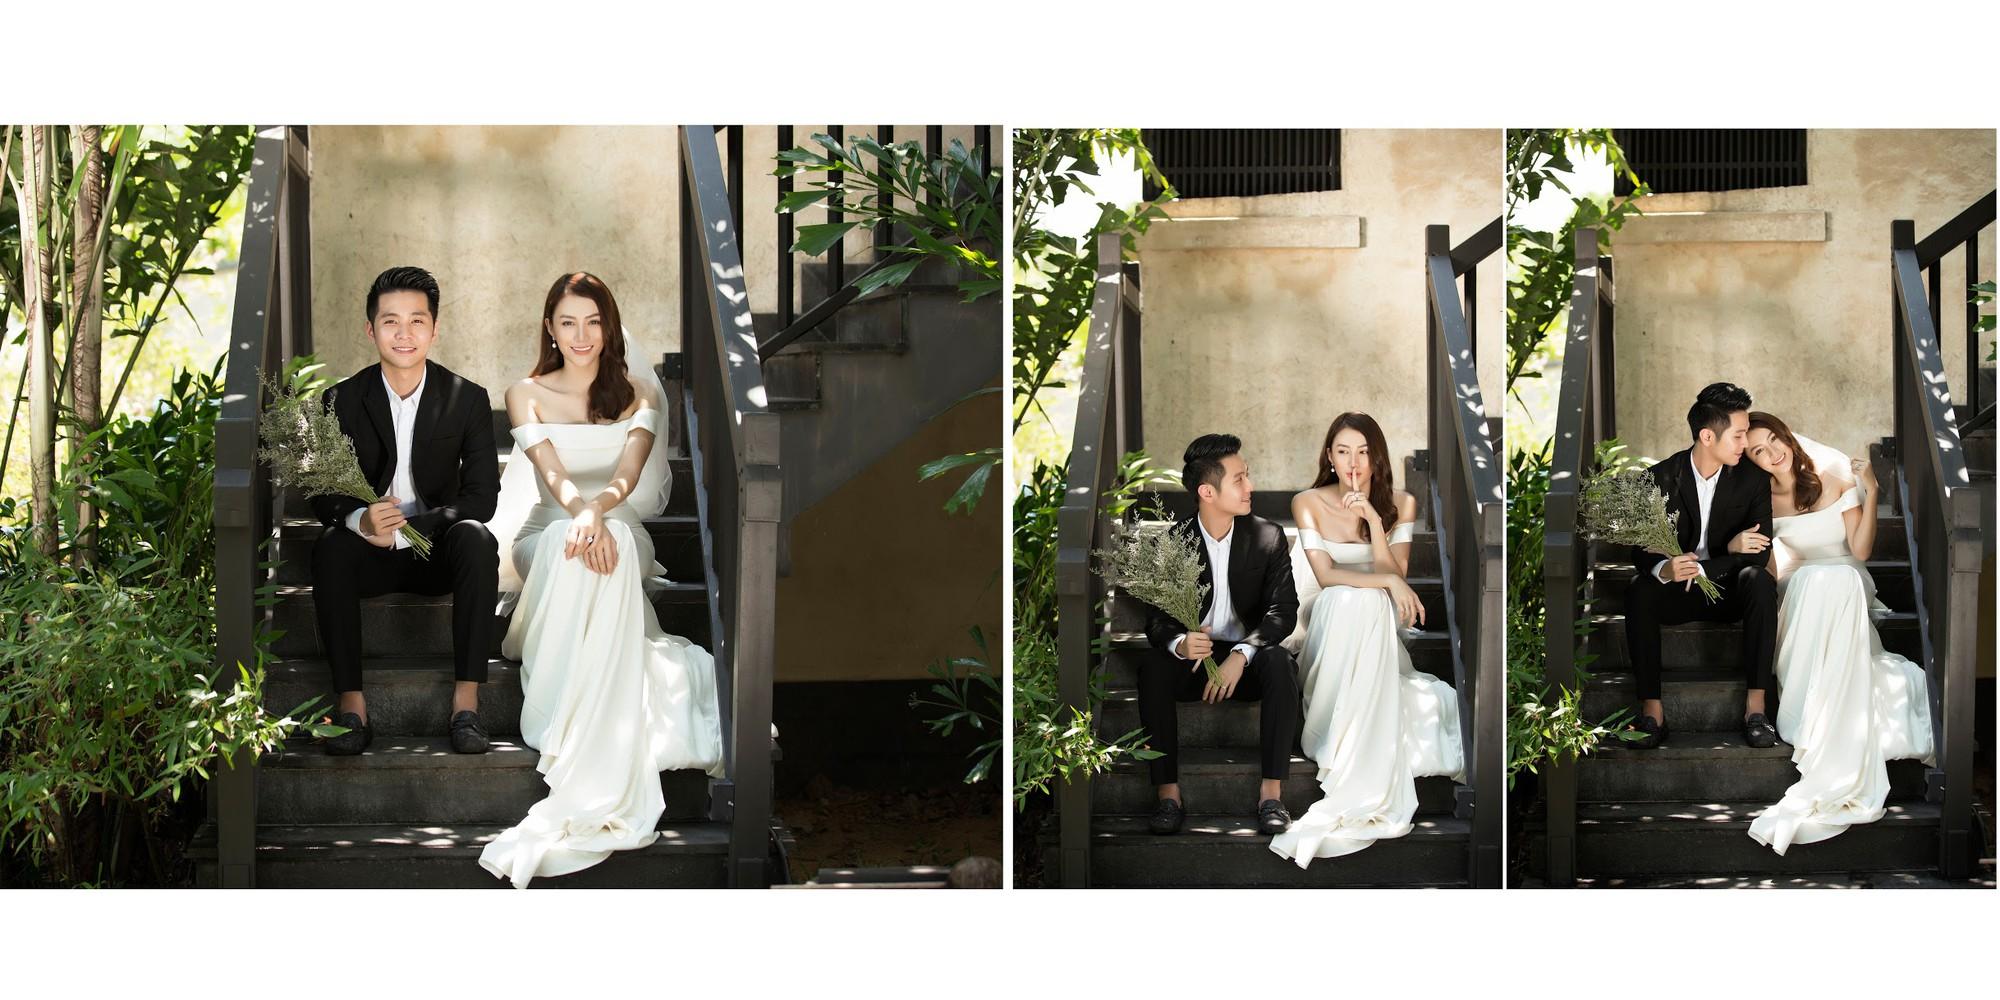 Cận ngày trọng đại, Lê Hà tung trọn bộ ảnh cưới lãng mạn chẳng kém phim Hàn cùng hôn phu điển trai - Ảnh 16.